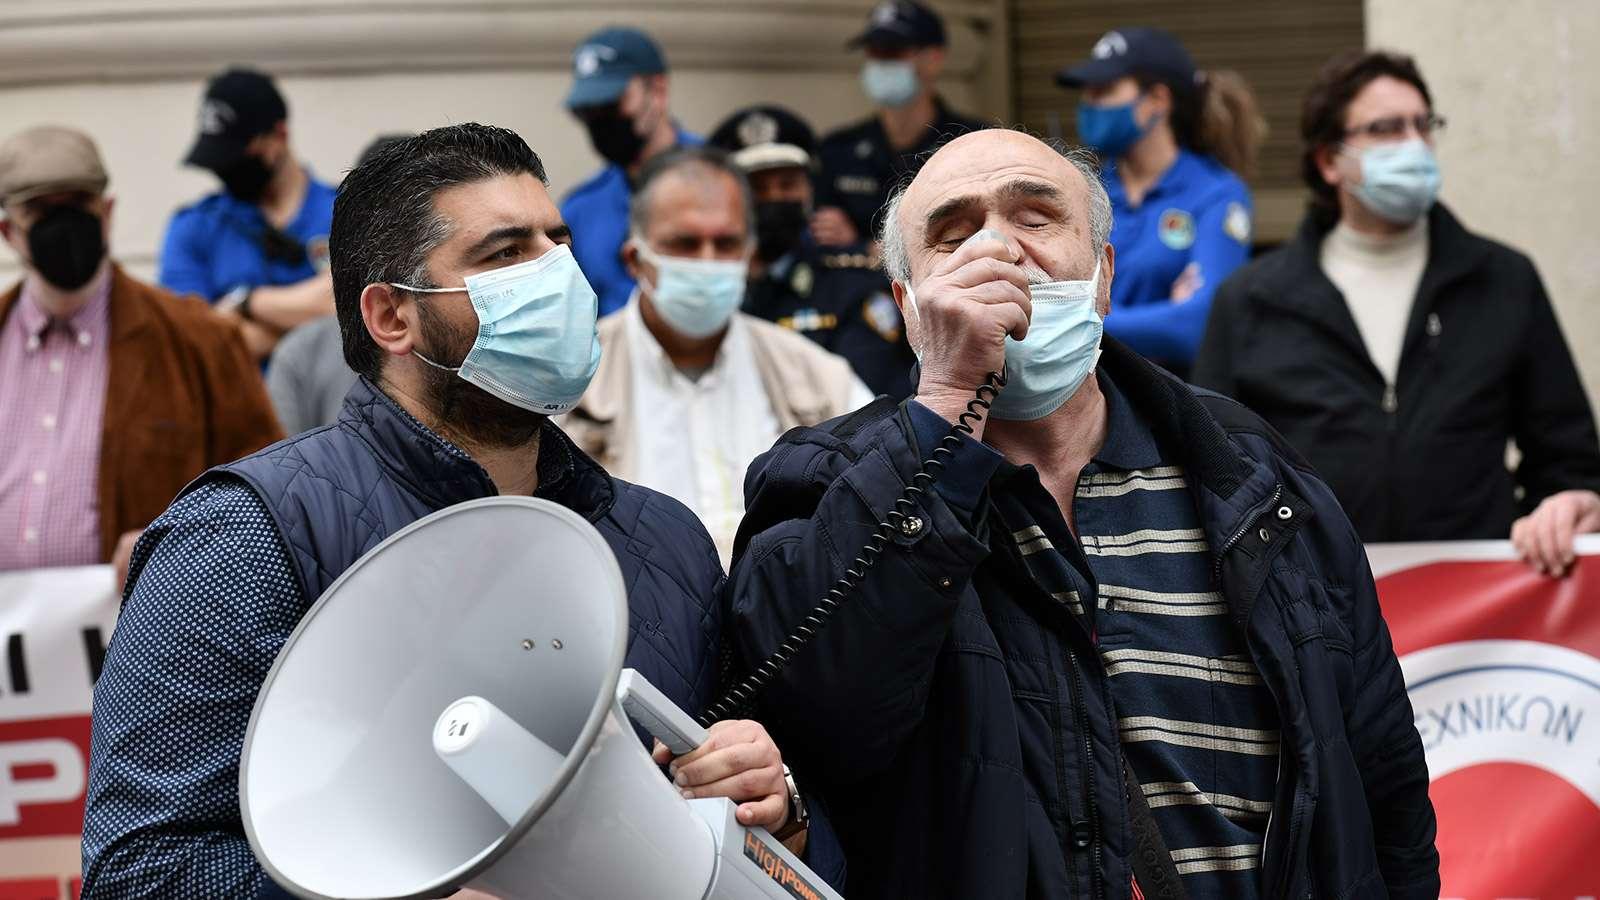 Δυνατά ακούστηκαν αιτήματα και συνθήματα υγειονομικών λαϊκού κινήματος έξω από το υπ. Υγείας